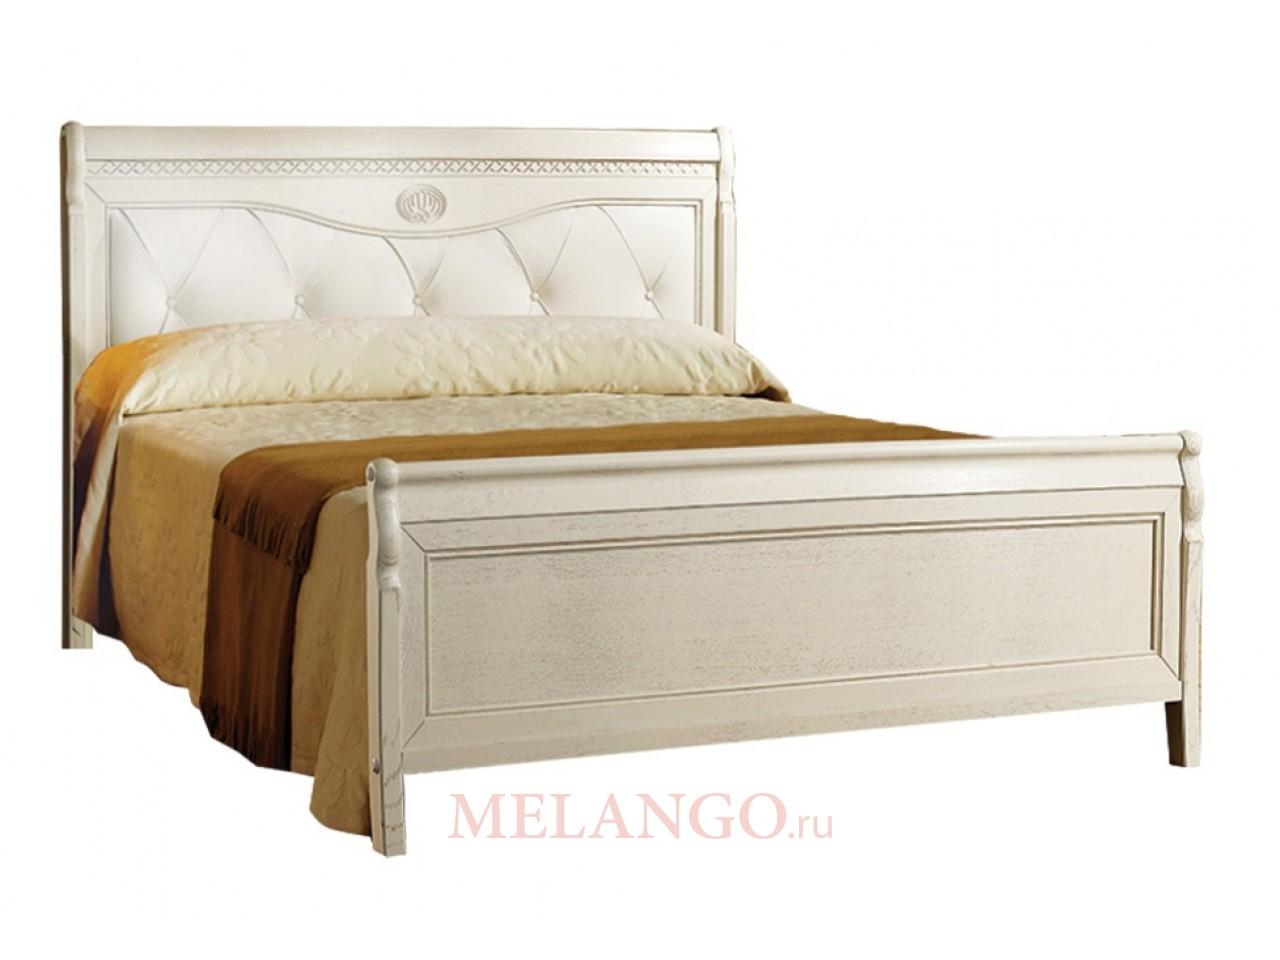 Двуспальная кровать Лика ММ-137-02 (белая эмаль) с изножьем